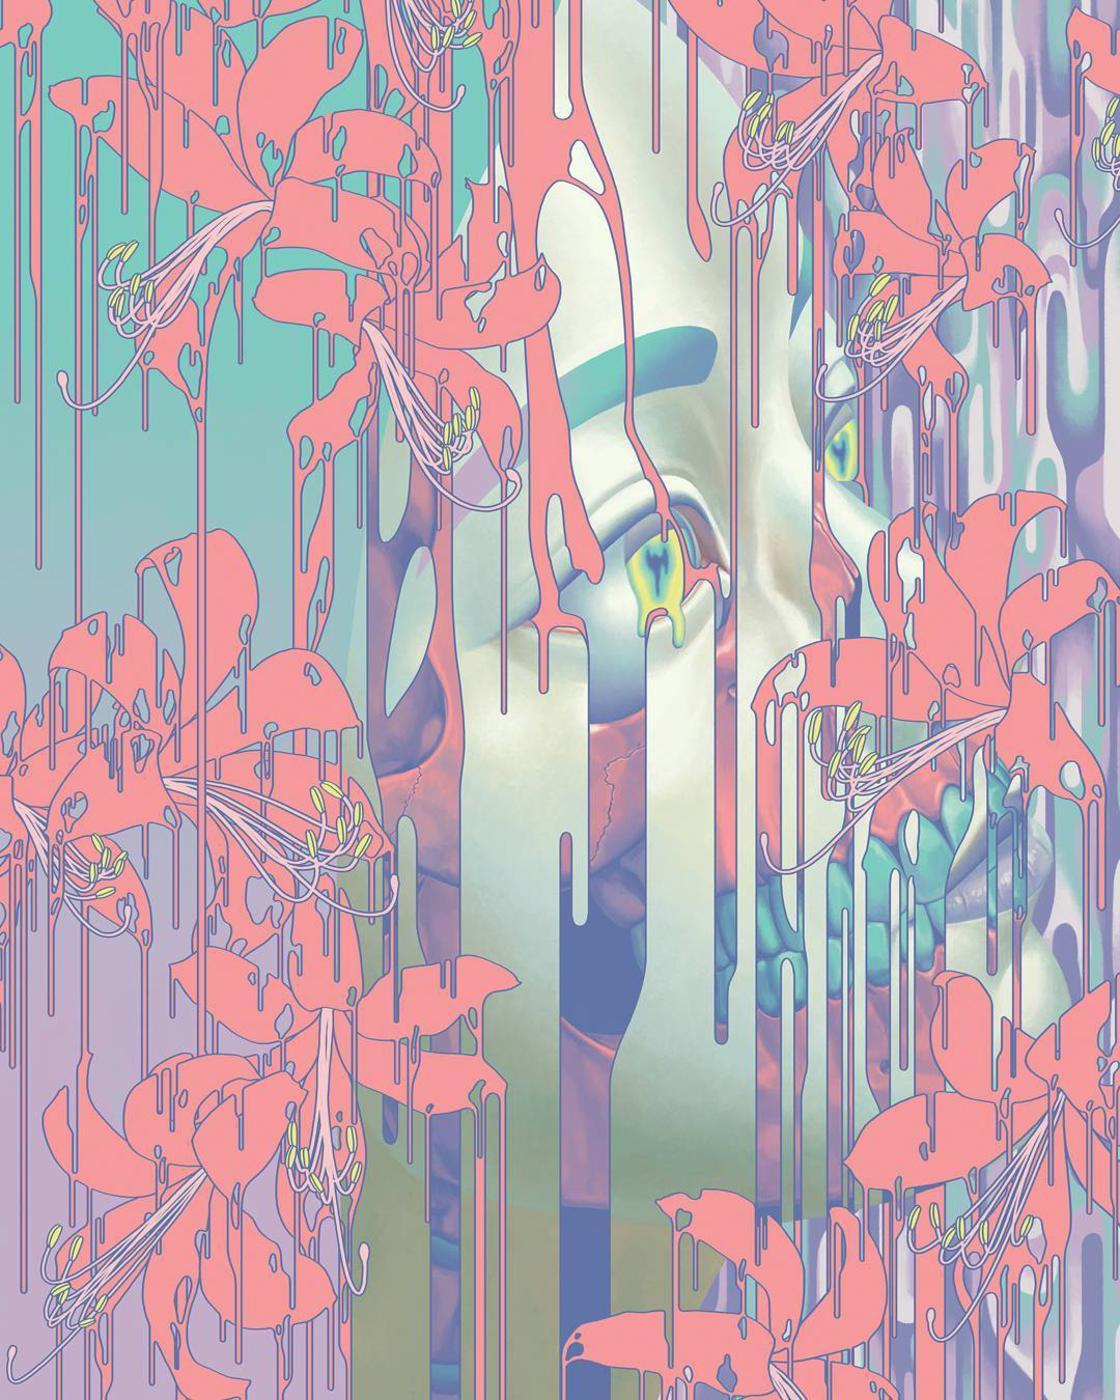 Les magnifiques illustrations de PIRU